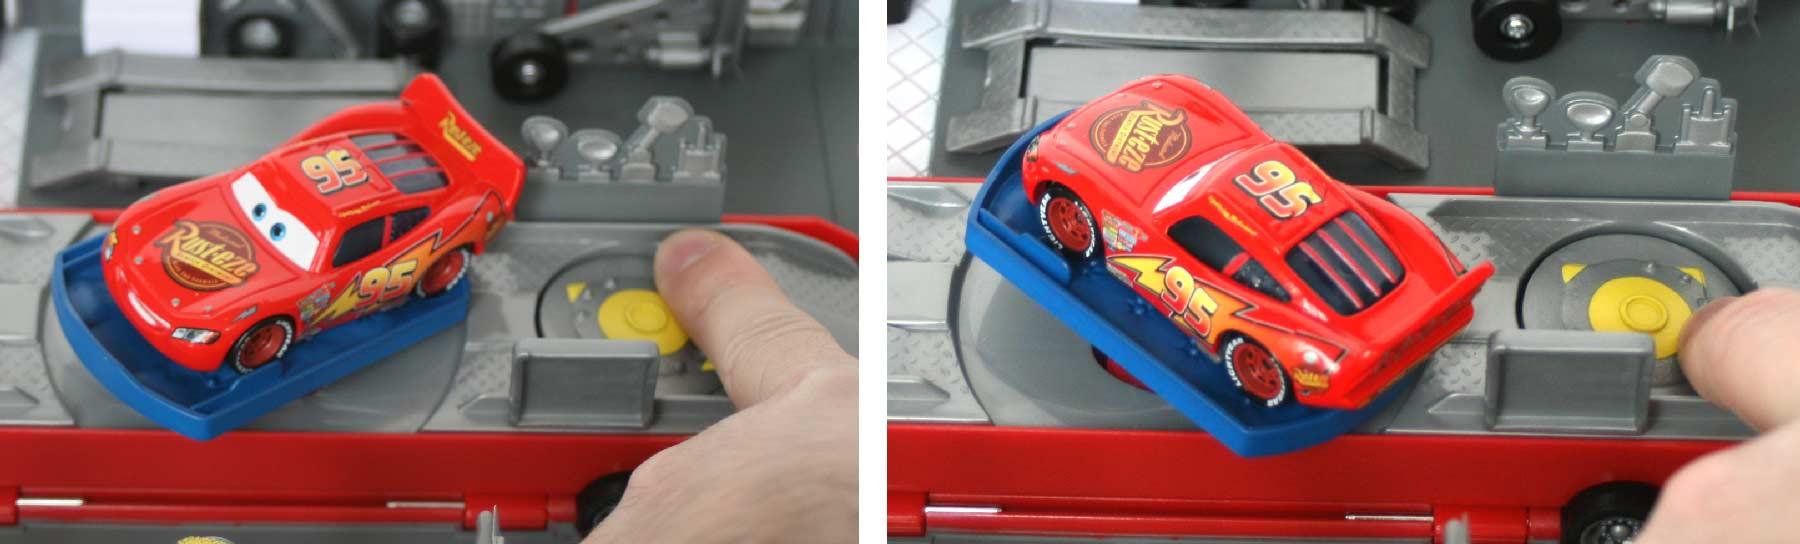 le lit peut bouger grace à la molette située devant ce qui permet de s'en servir de présentoir d'exposition à Flash McQueen